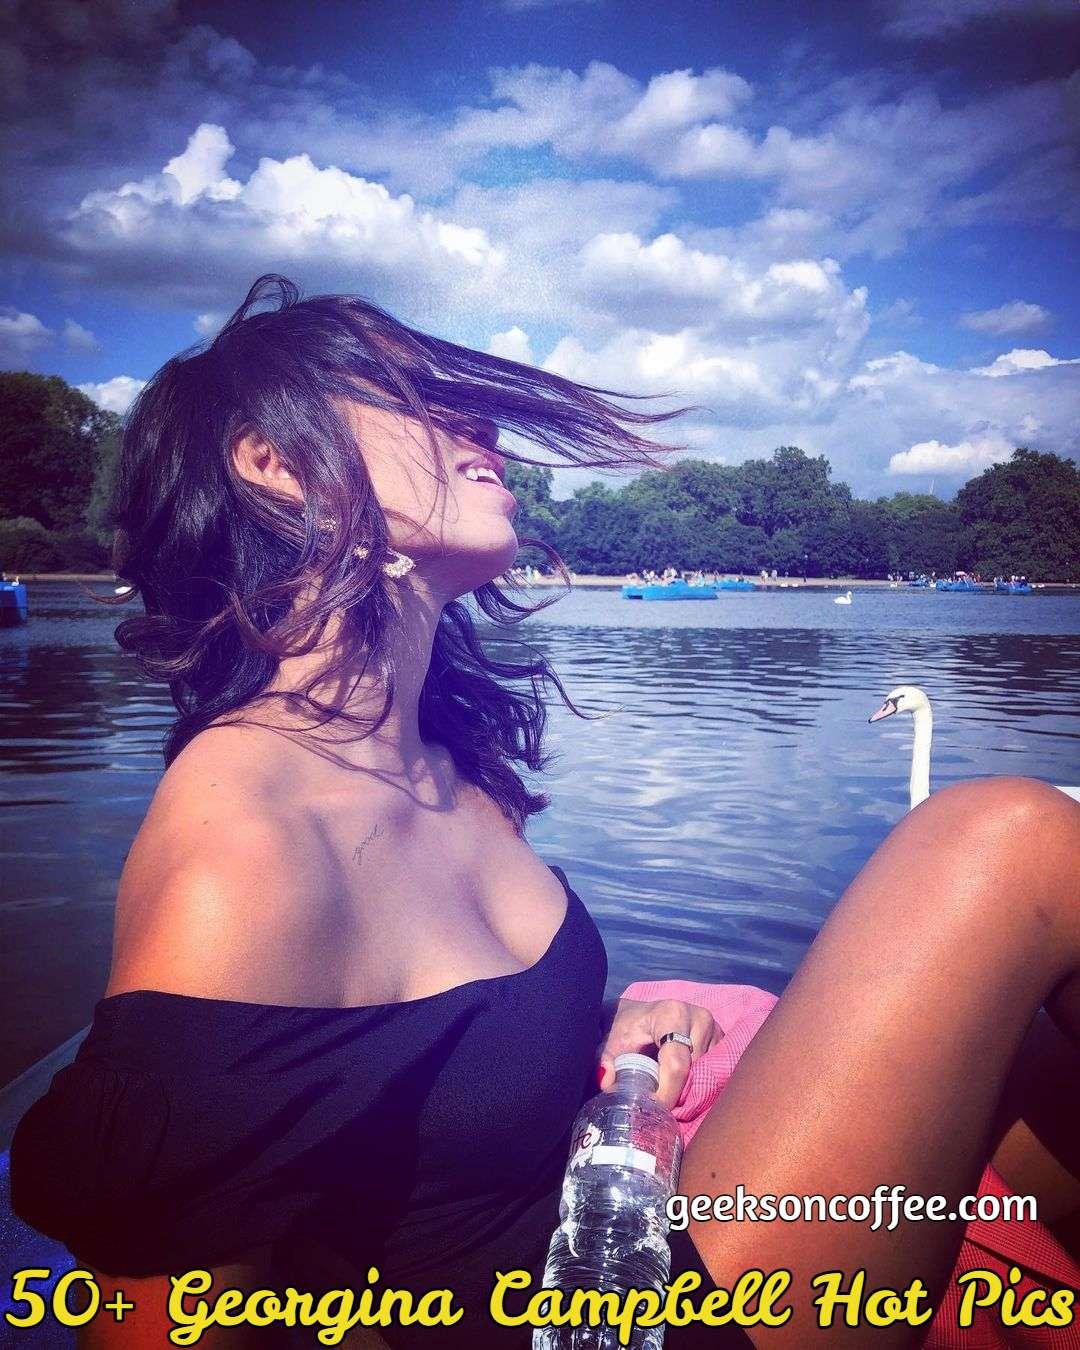 Georgina Campbell Hot Pics